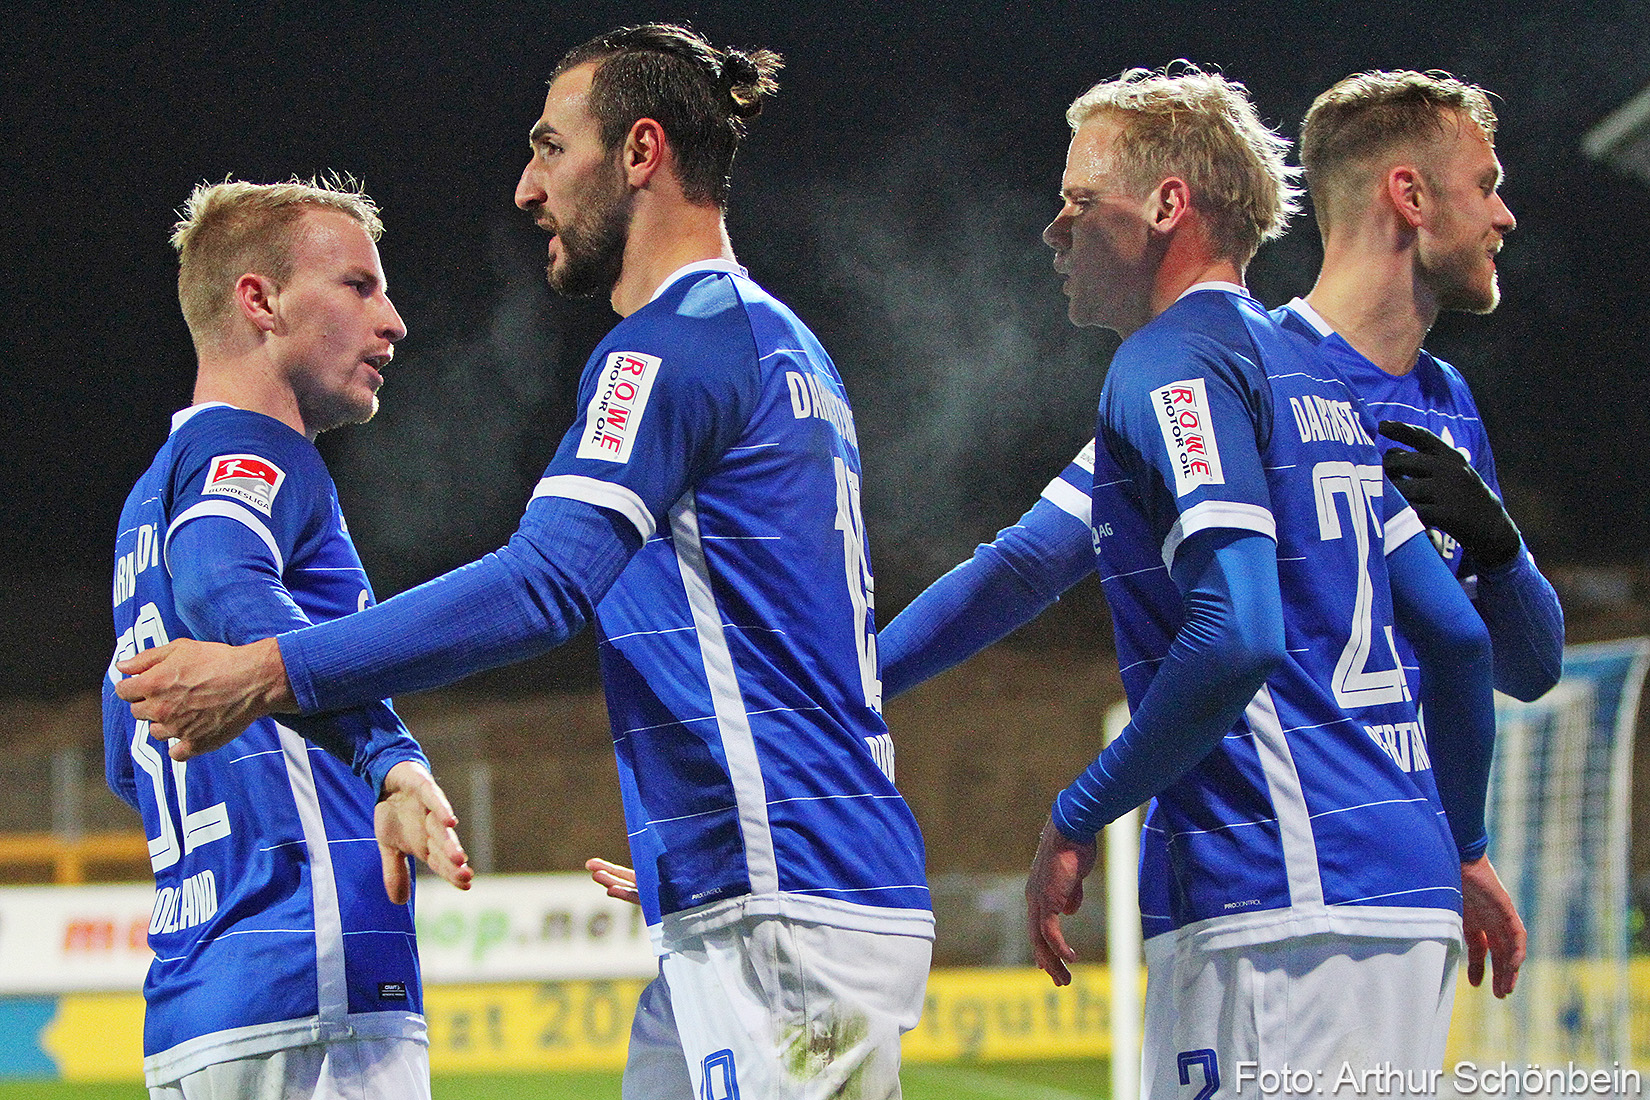 SV Darmstadt 98 – FC St. Pauli 2:1 (0:1)